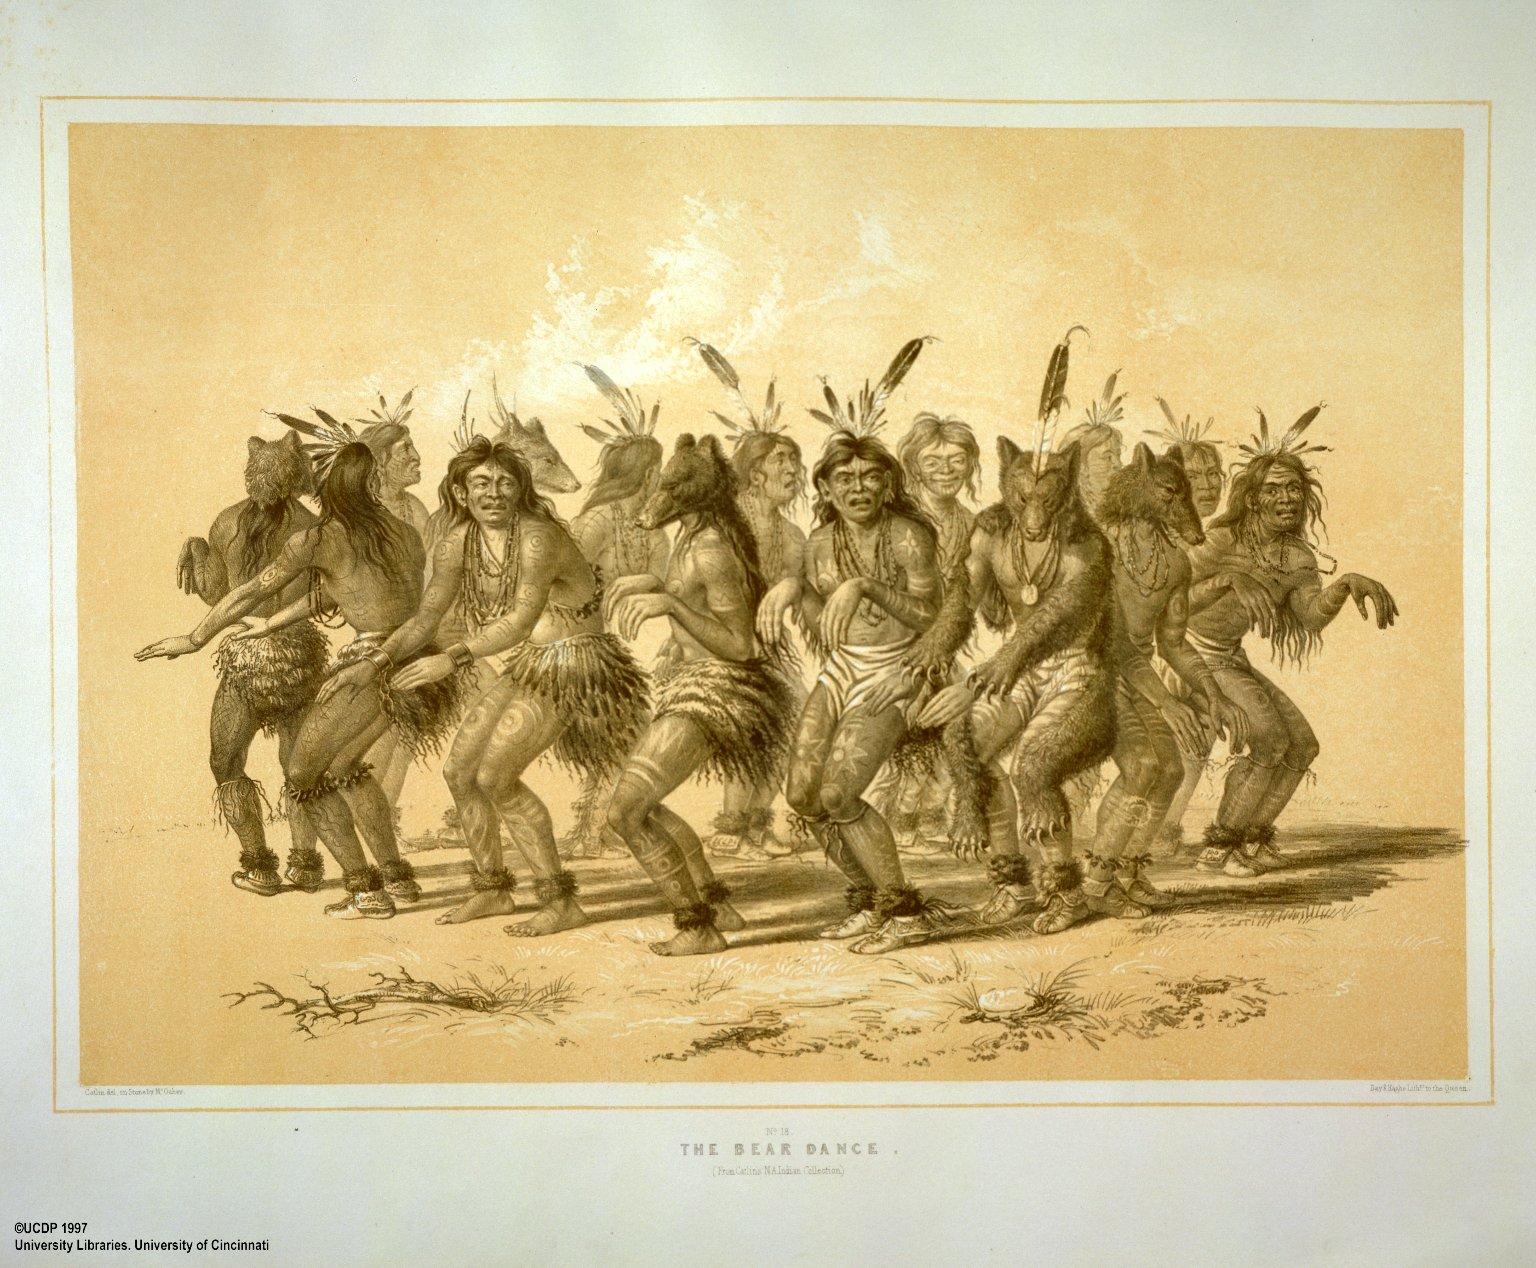 The Bear Dance.